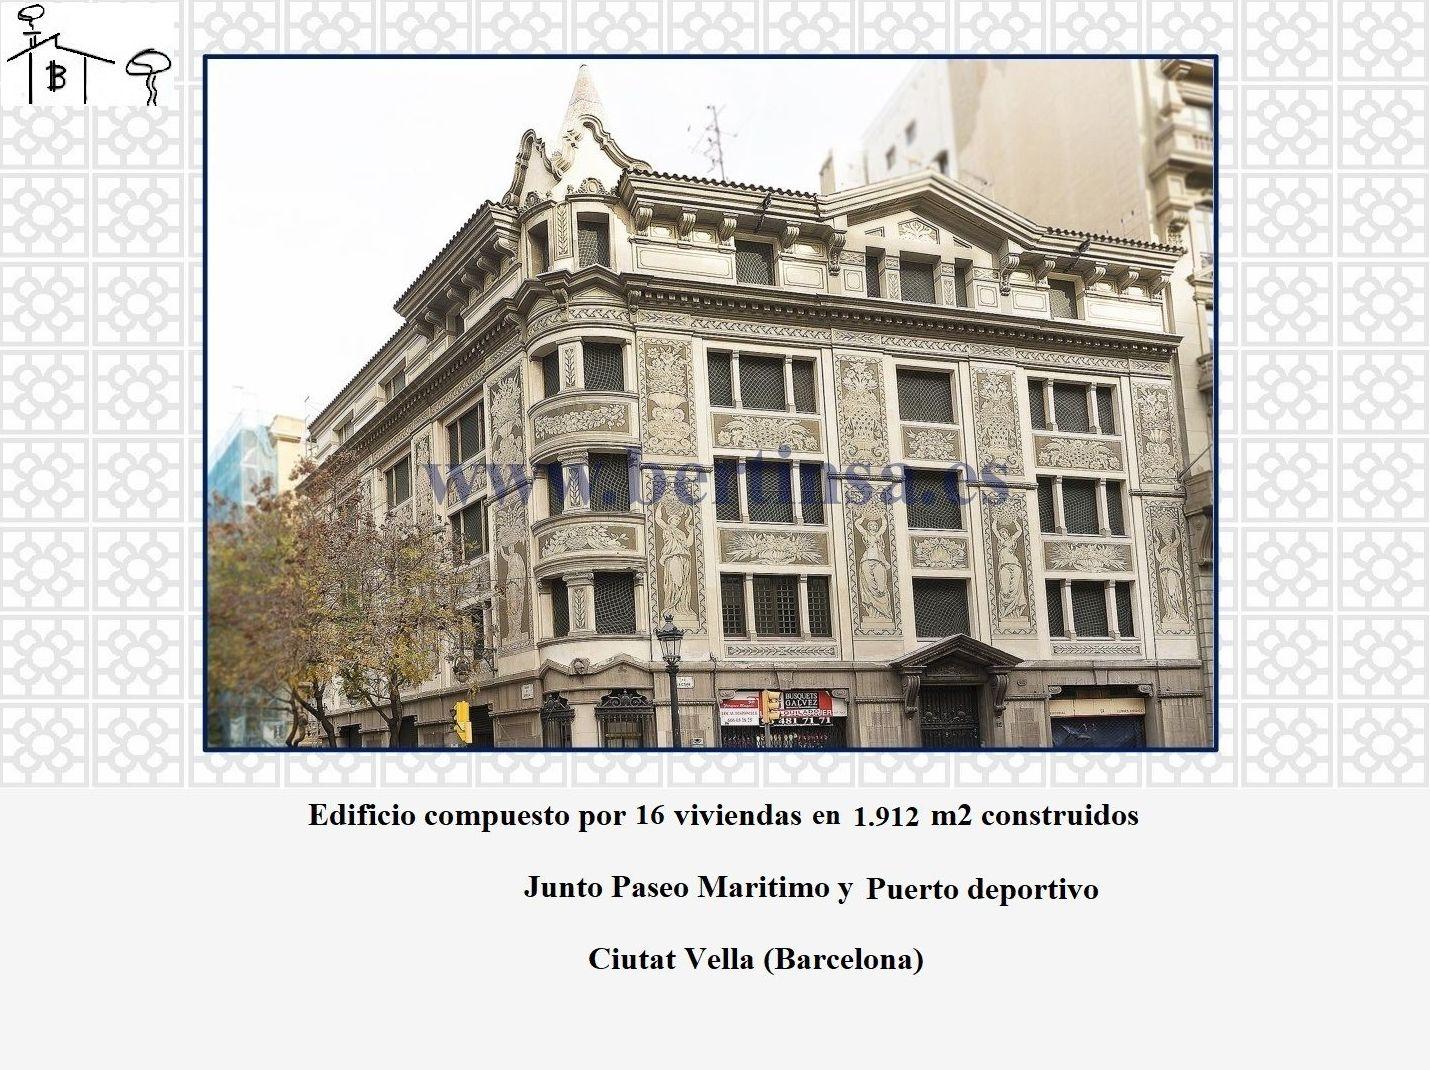 Edificio en Ciutat Vella junto paseo Maritimo 16.570.000€: Visita nuestras inmuebles de Bertinsa Real Estate, Investments & Sale Services